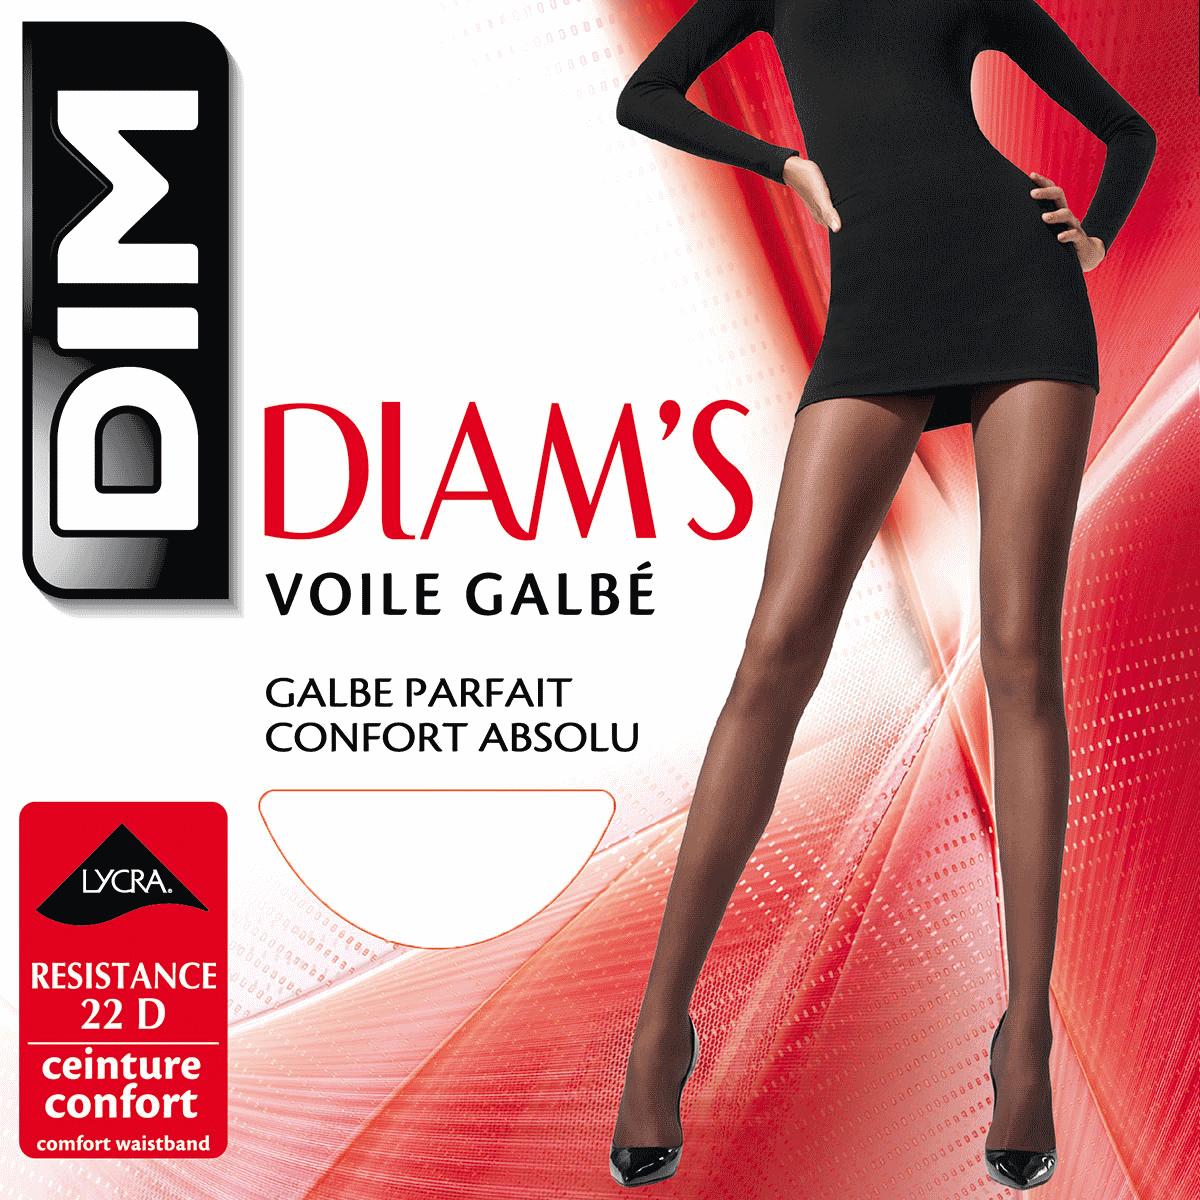 Collant noir Diam s Voile Galbé 22D b628f094f04